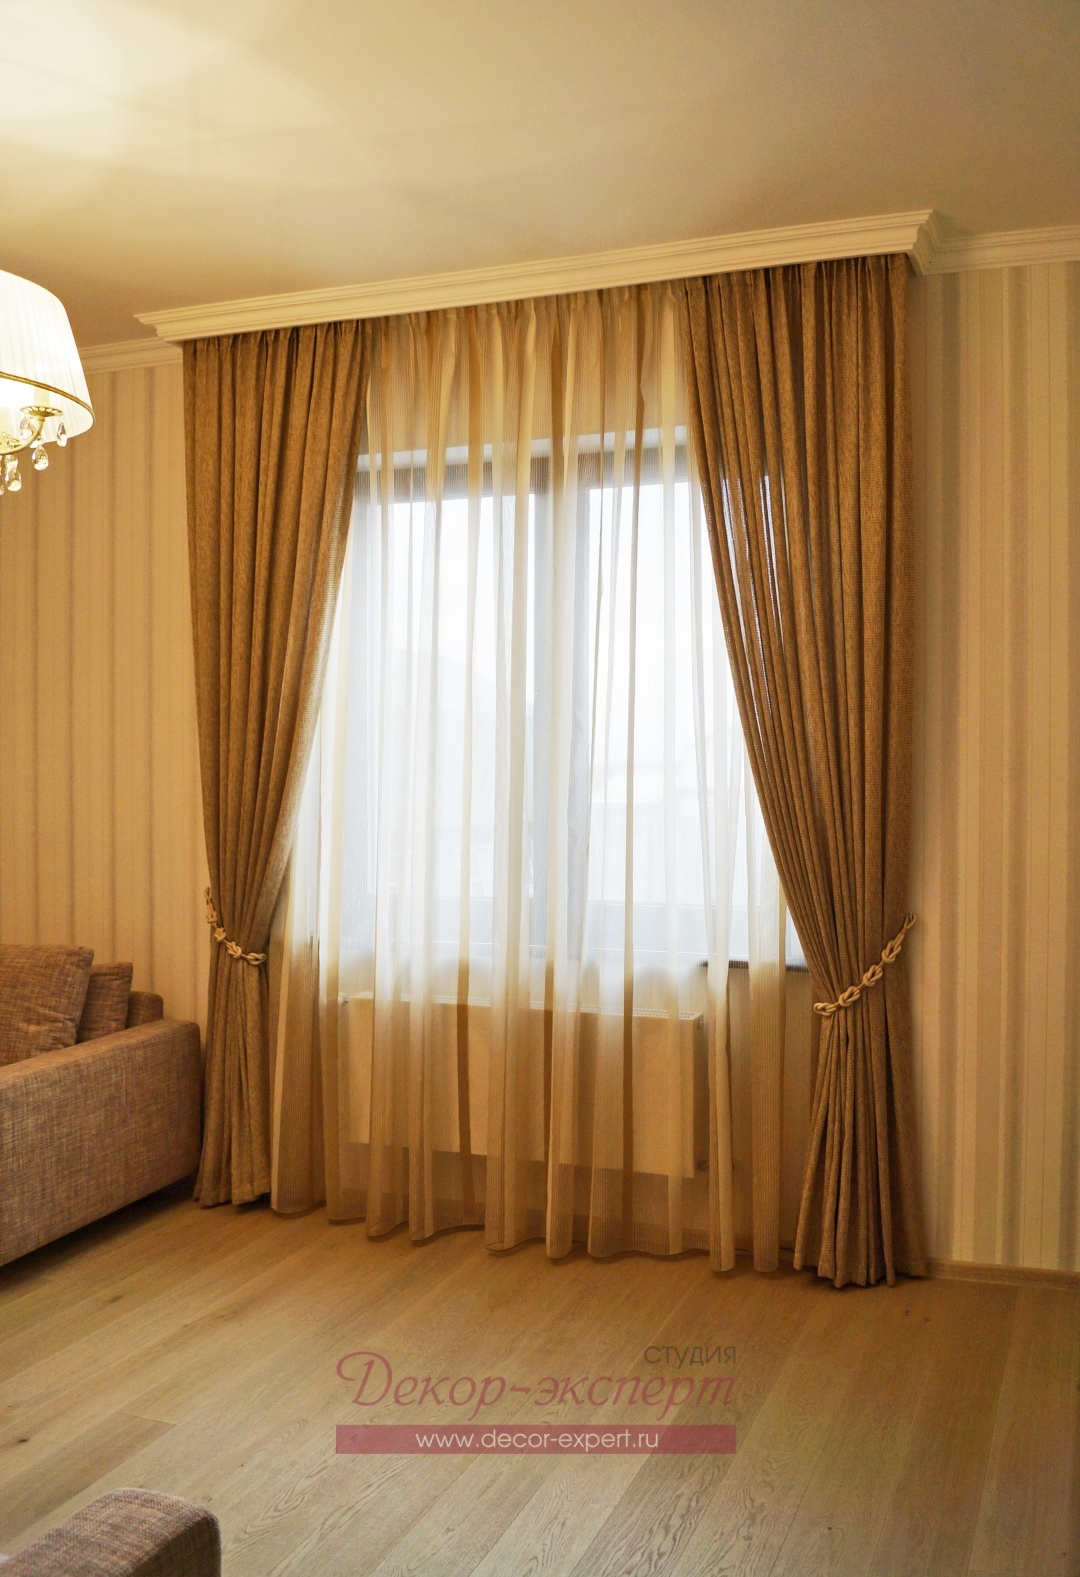 Вид на шторы с подхватом в комнату девочки подростка.